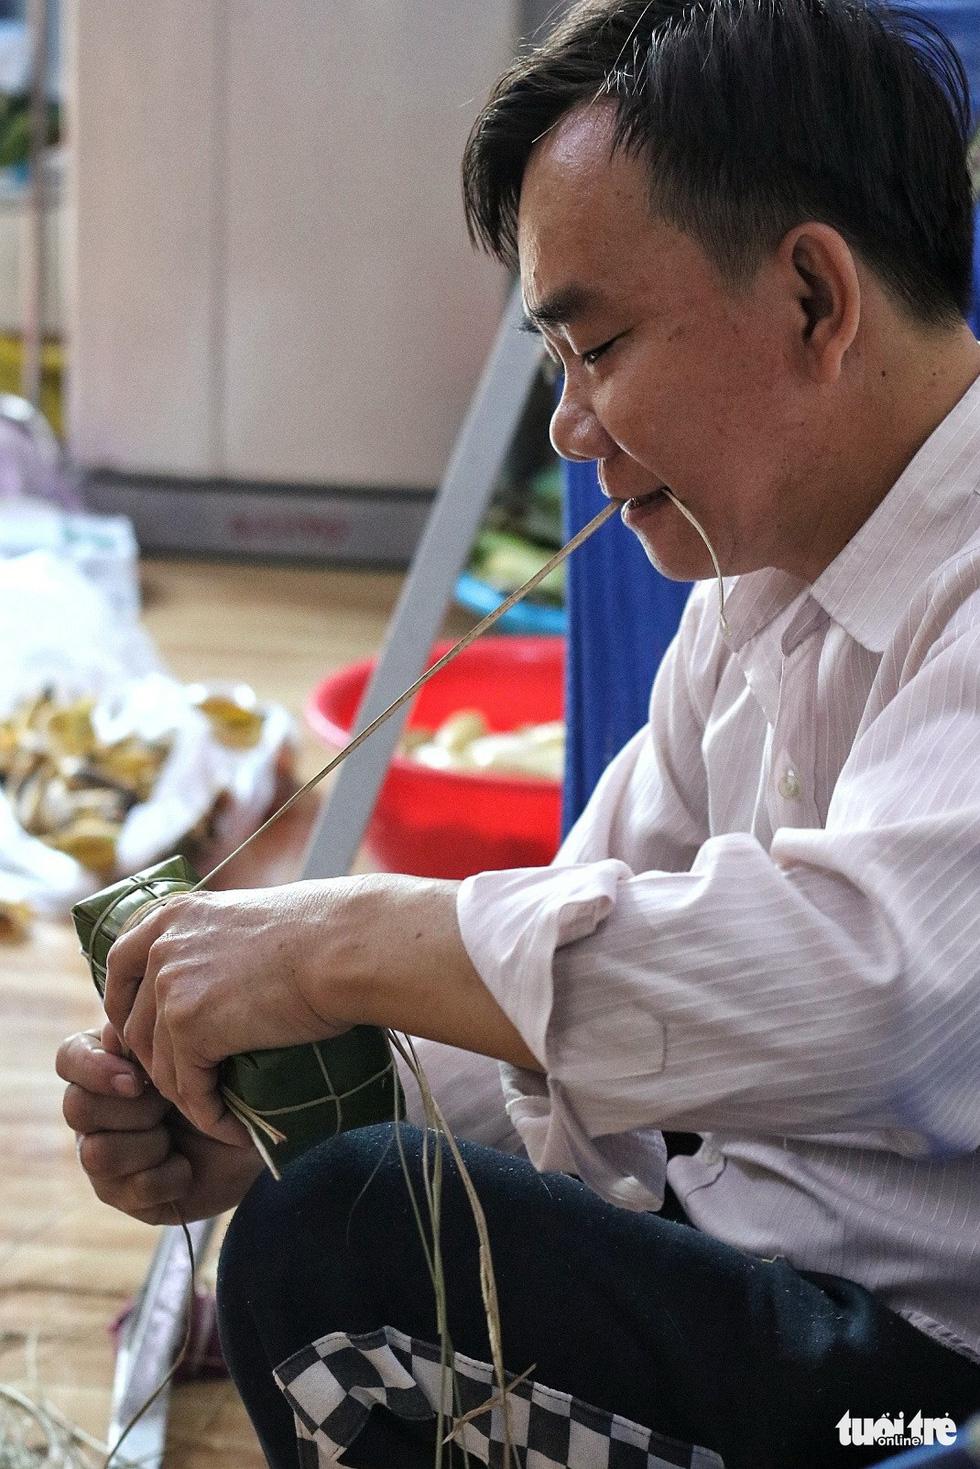 Sài Gòn chiều cuối năm hun hút khói bếp nấu bánh tét cúng giỗ ông bà - Ảnh 6.